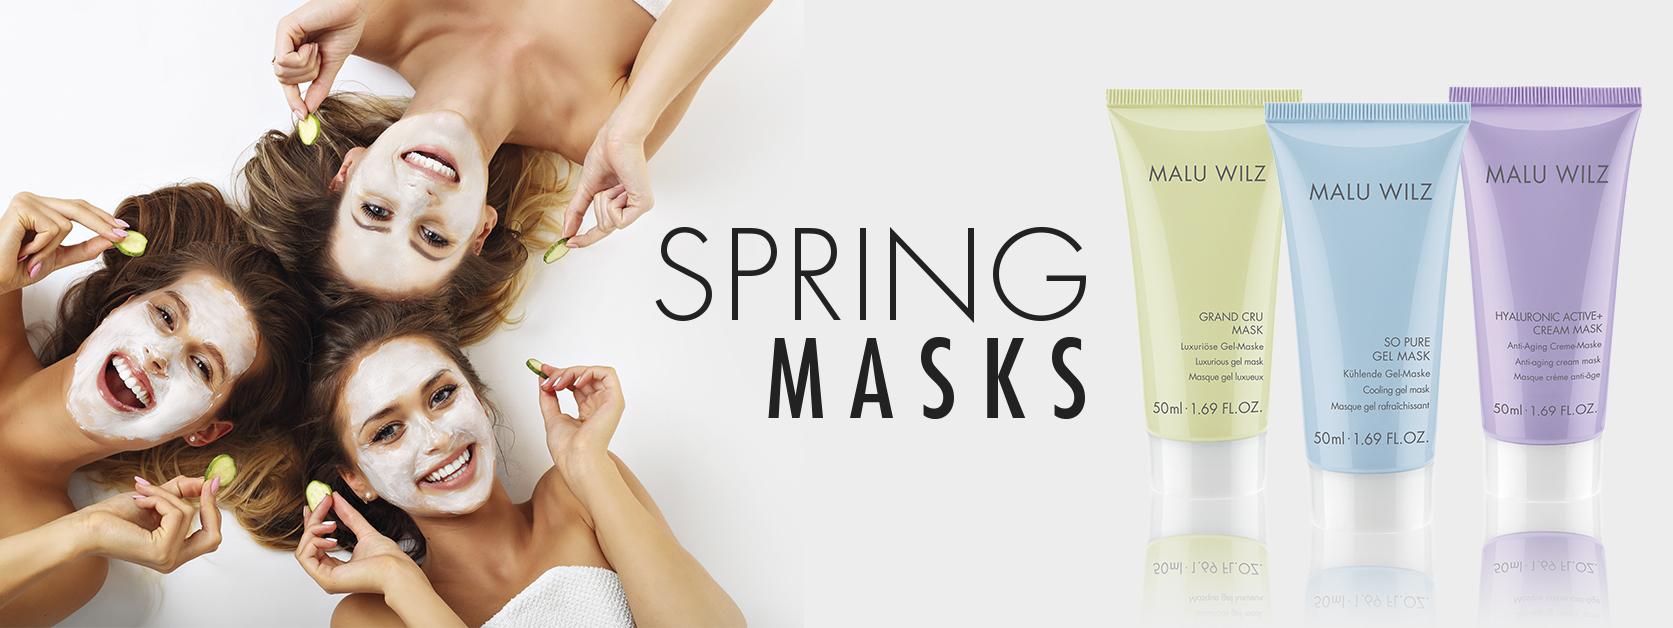 junge Frauen mit Gesichtsmaske und Handtuch